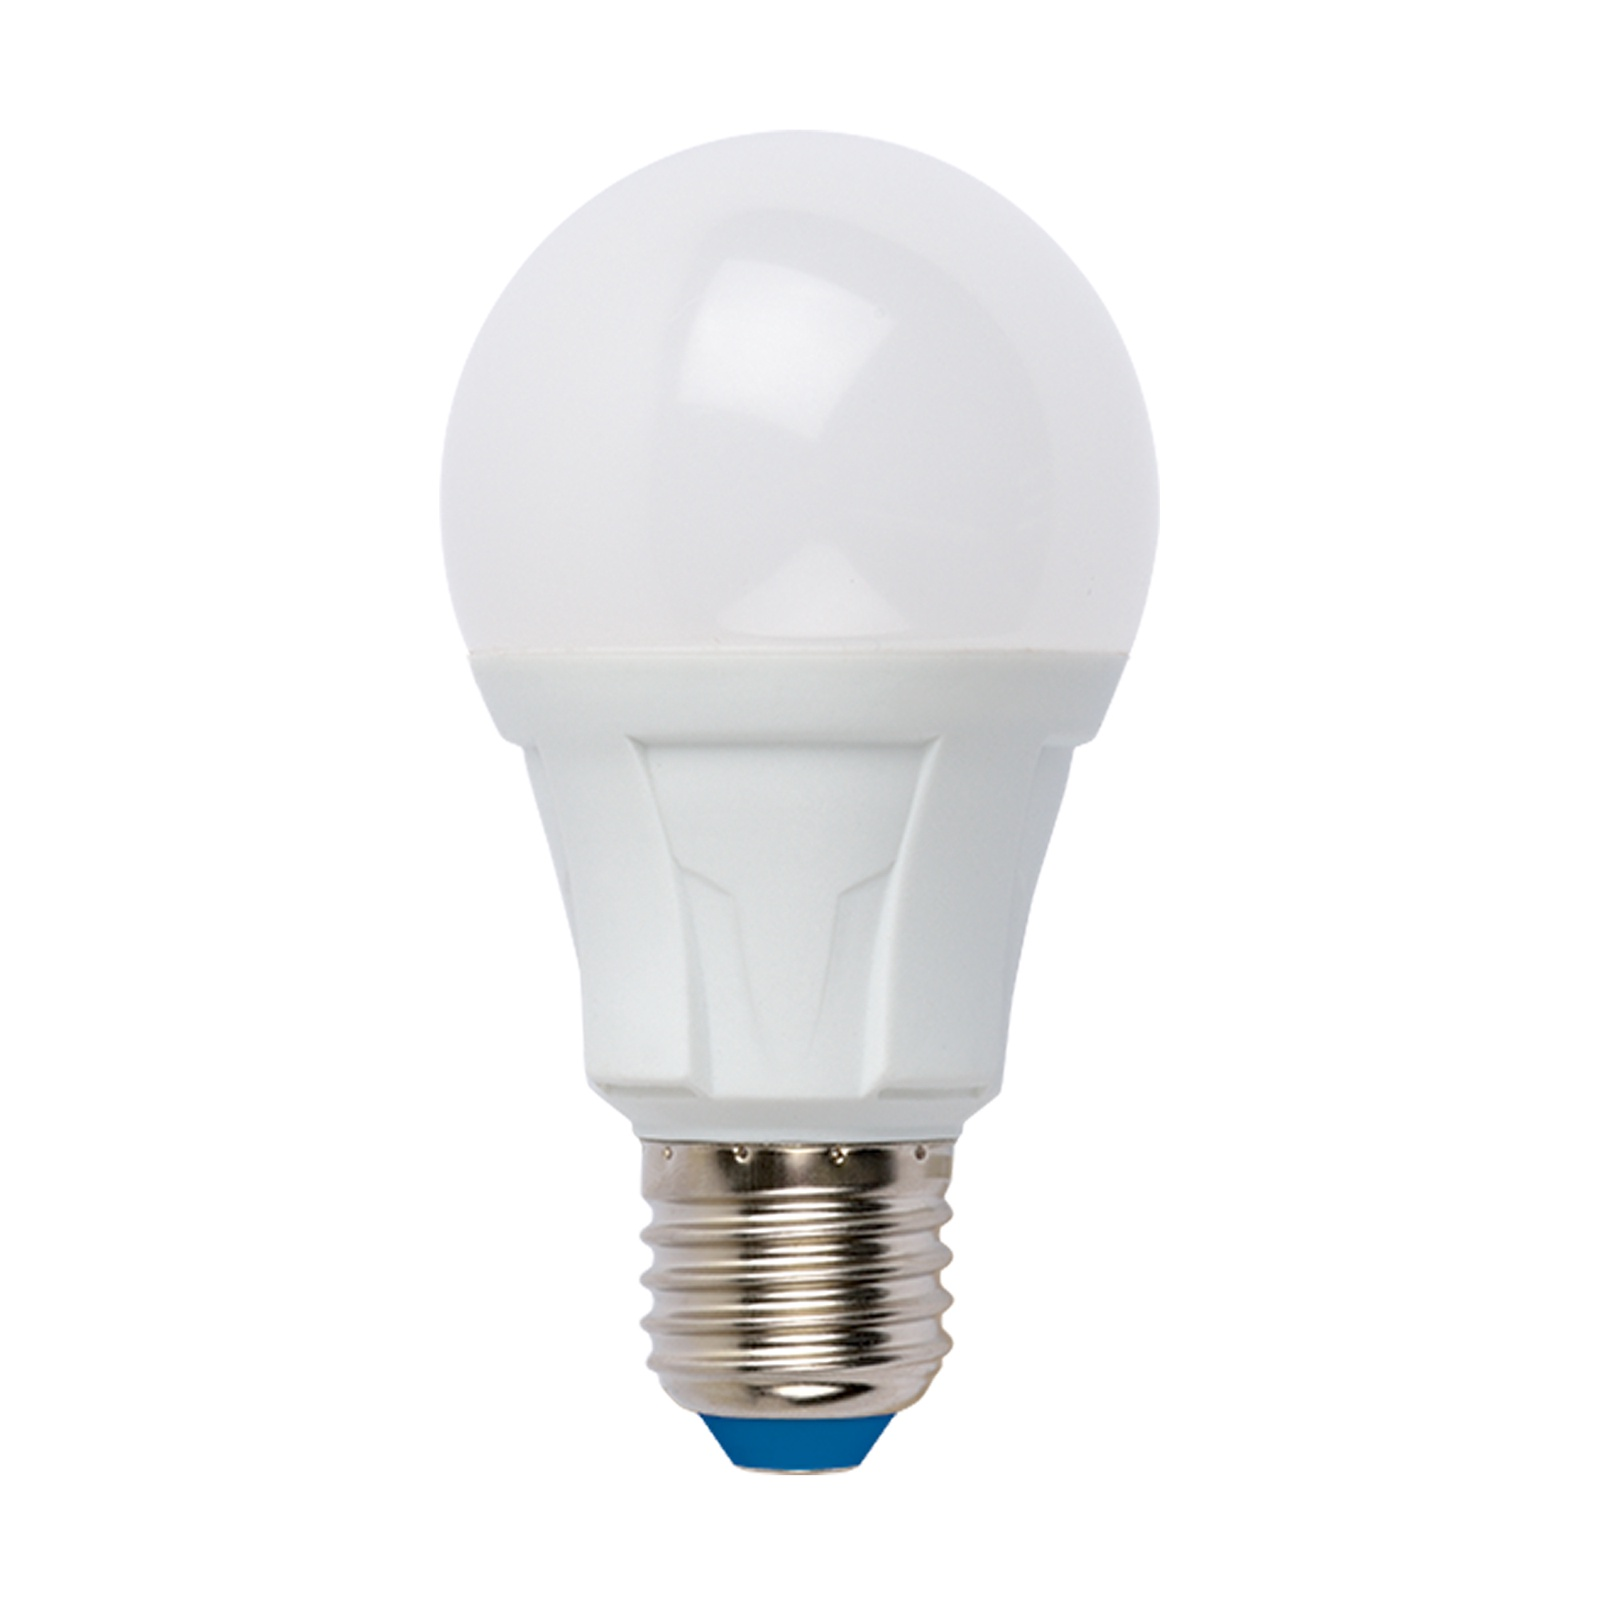 Лампочка Uniel LED-A60 10W/NW/E27/FR 4000K, Нейтральный свет 10 Вт, Светодиодная